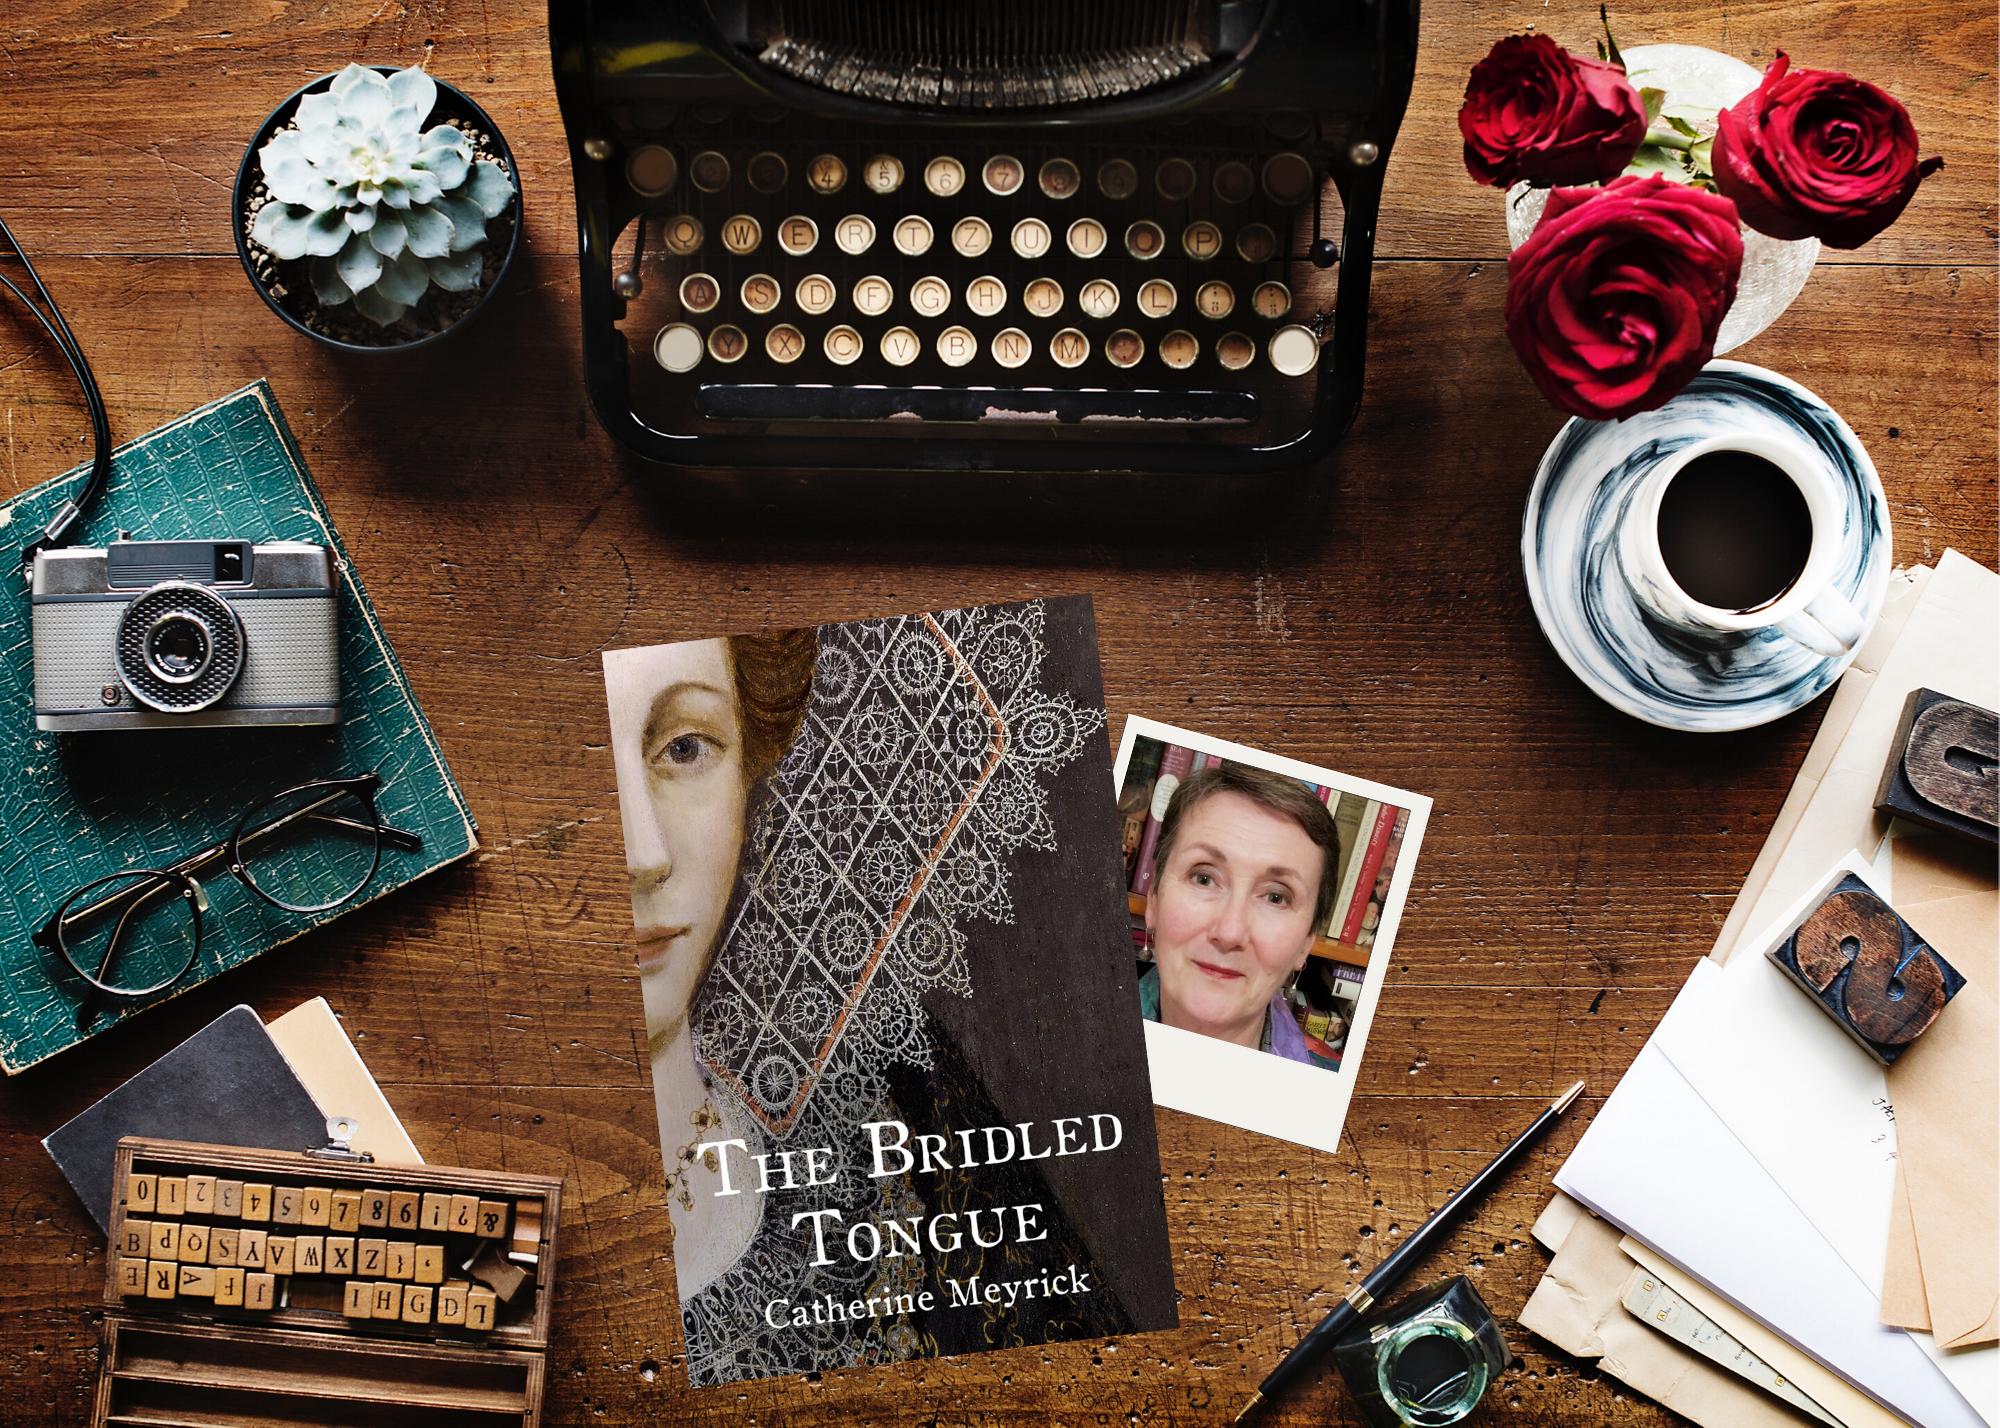 Catherine Meyrick's THE BRIDLED TONGUE